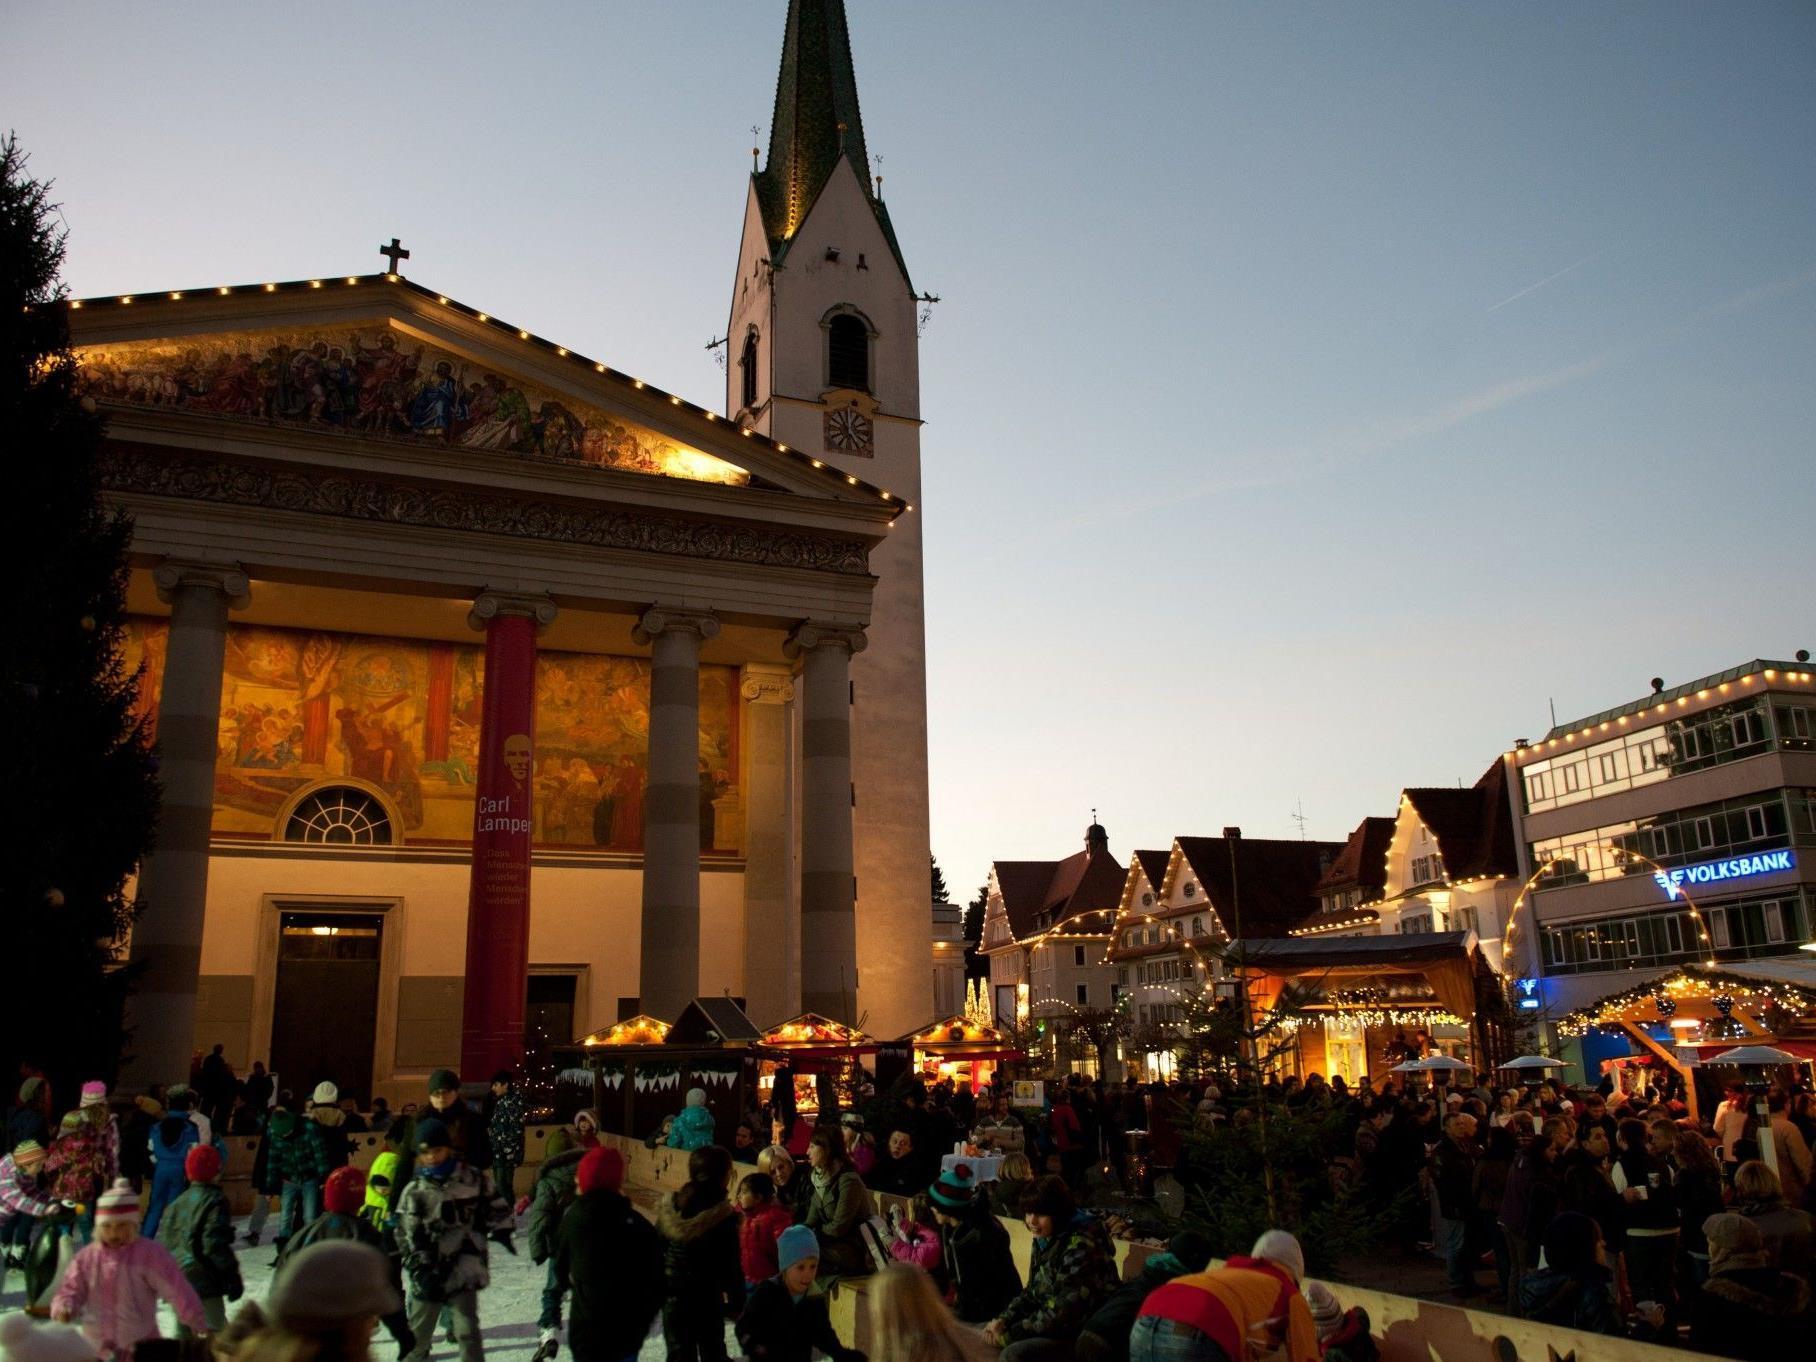 Der Marktplatz ist wieder weihnachtlich dekoriert und lädt zum Verweilen ein.